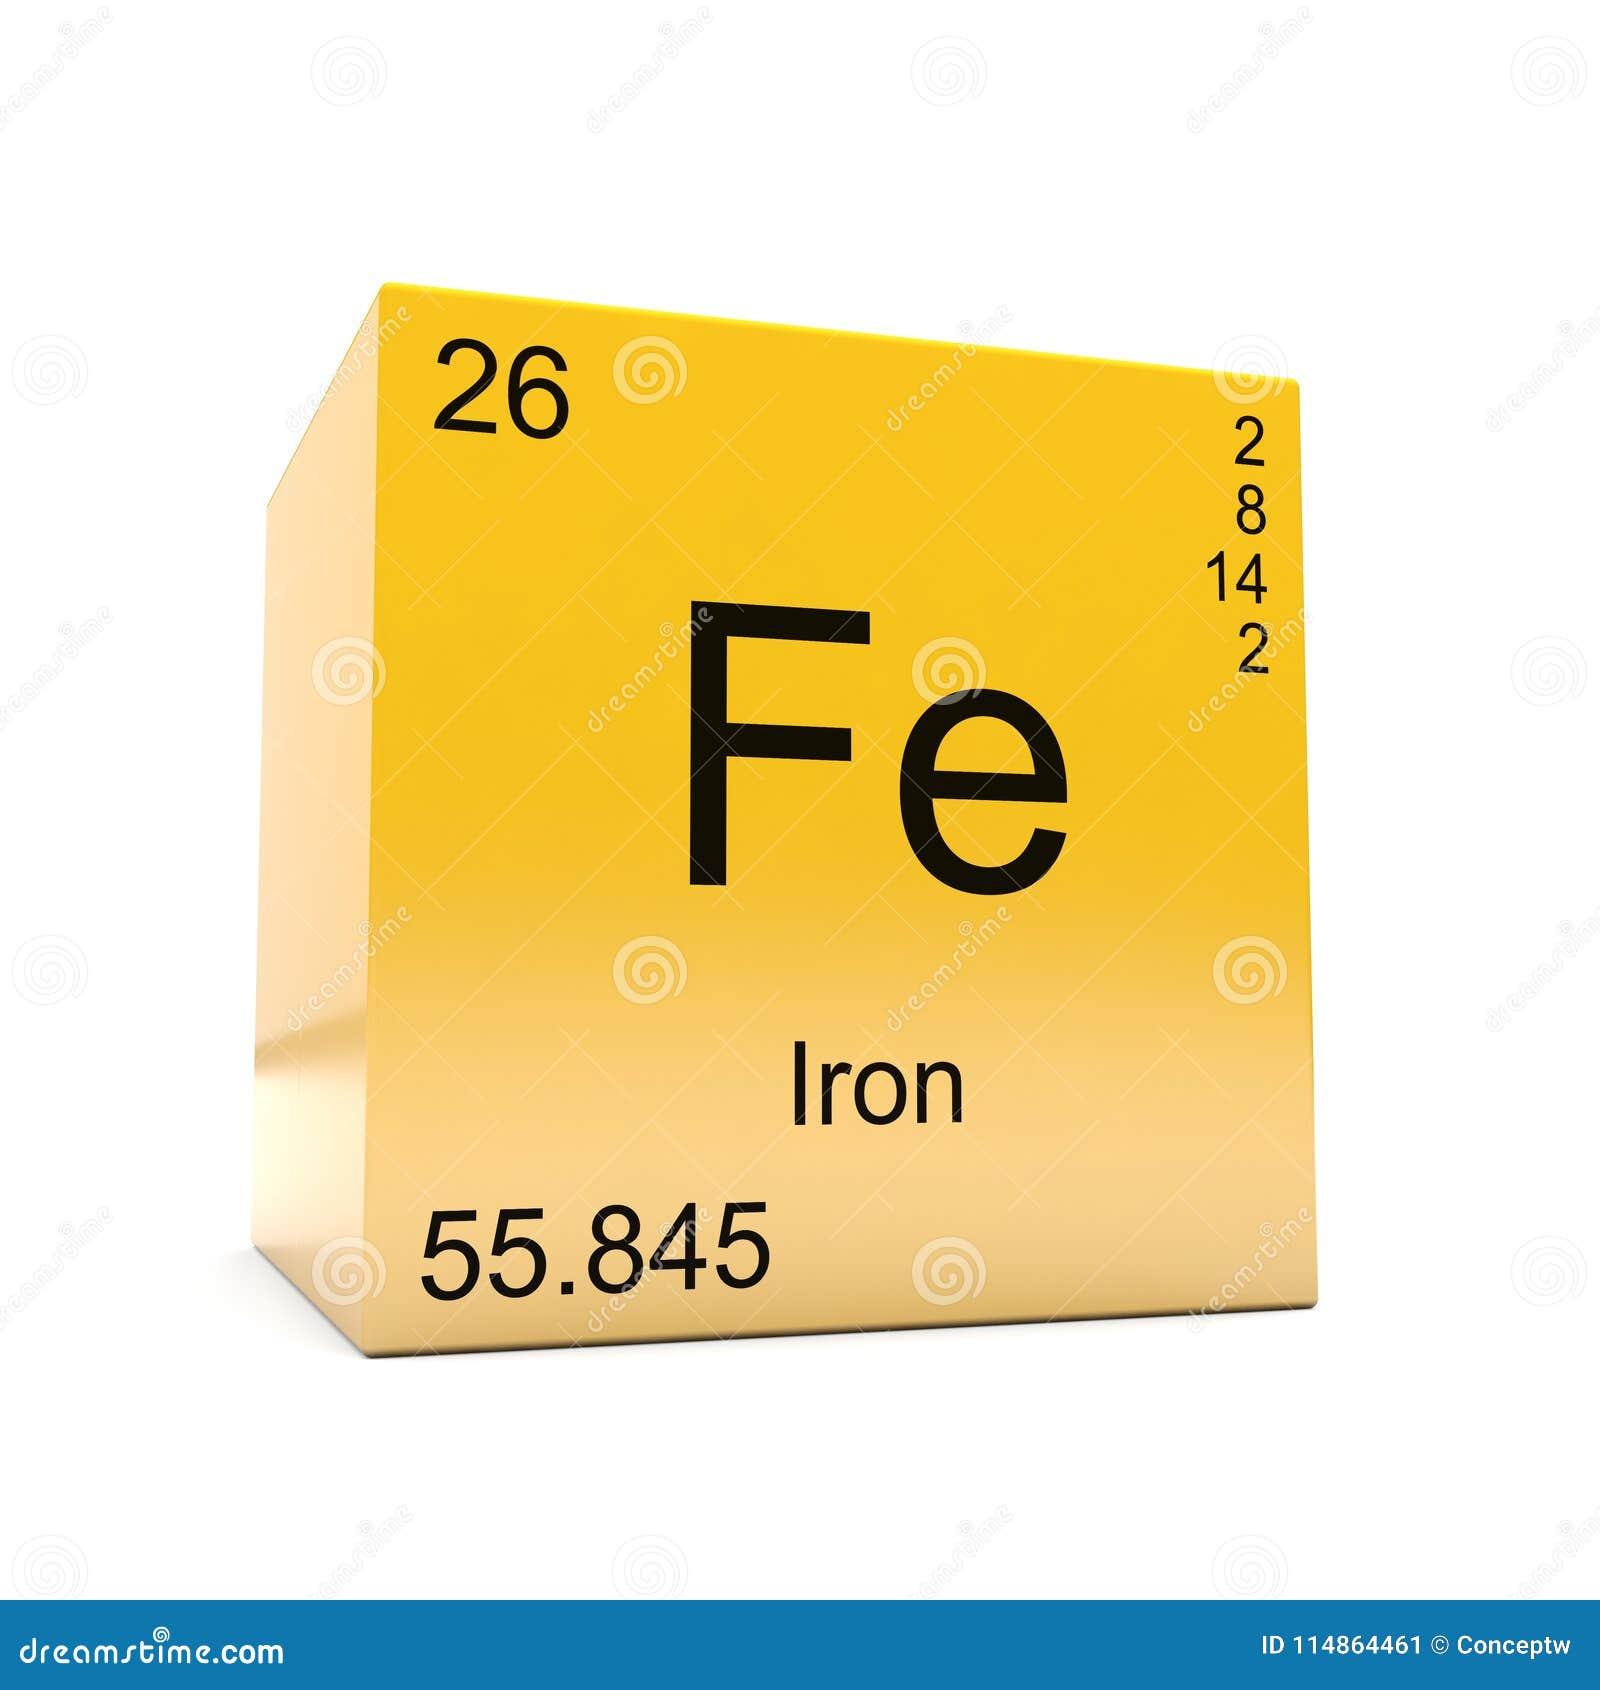 Smbolo del elemento qumico del hierro de la tabla peridica stock download smbolo del elemento qumico del hierro de la tabla peridica stock de ilustracin ilustracin urtaz Choice Image